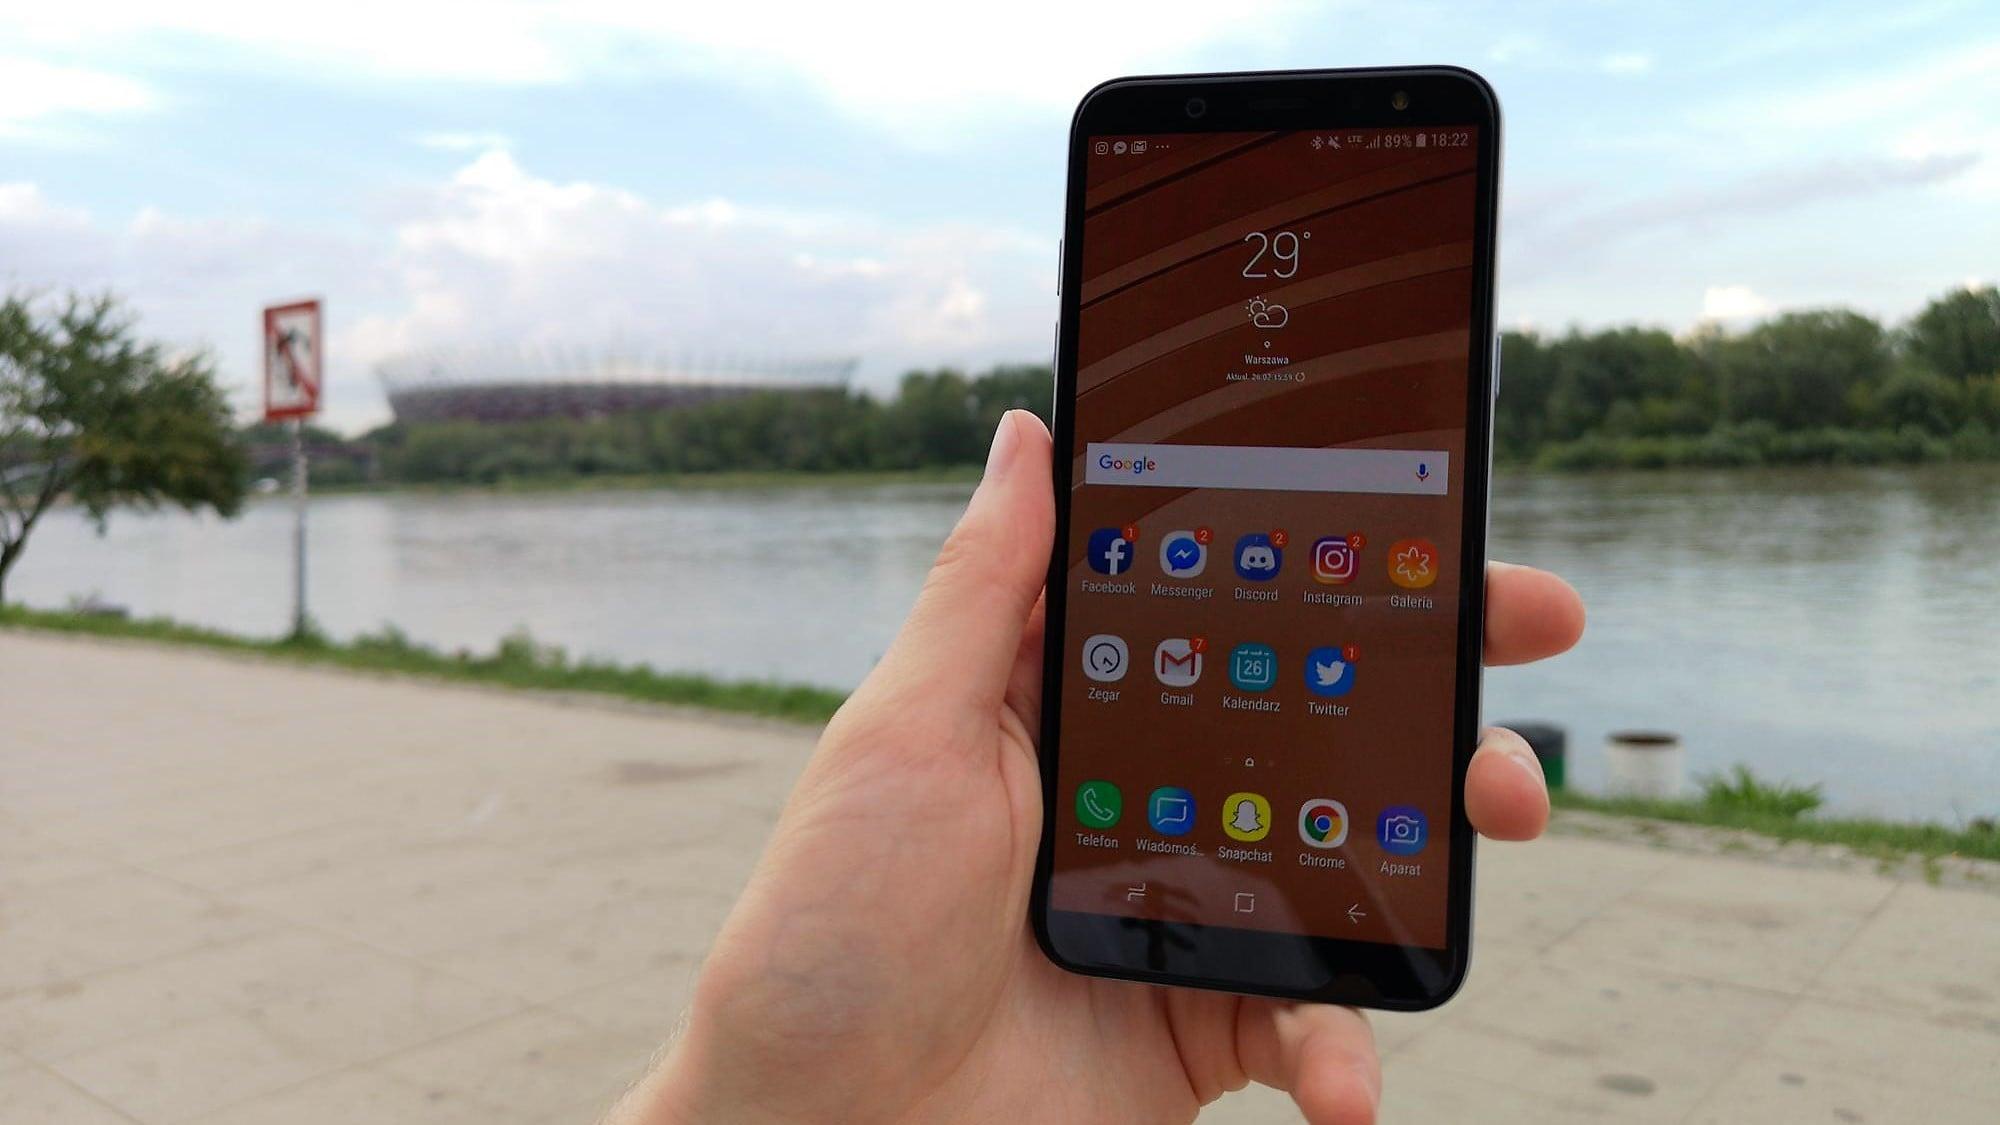 Tabletowo.pl Recenzja Samsung Galaxy A6. W skrócie: poprawny smartfon Android Recenzje Samsung Smartfony